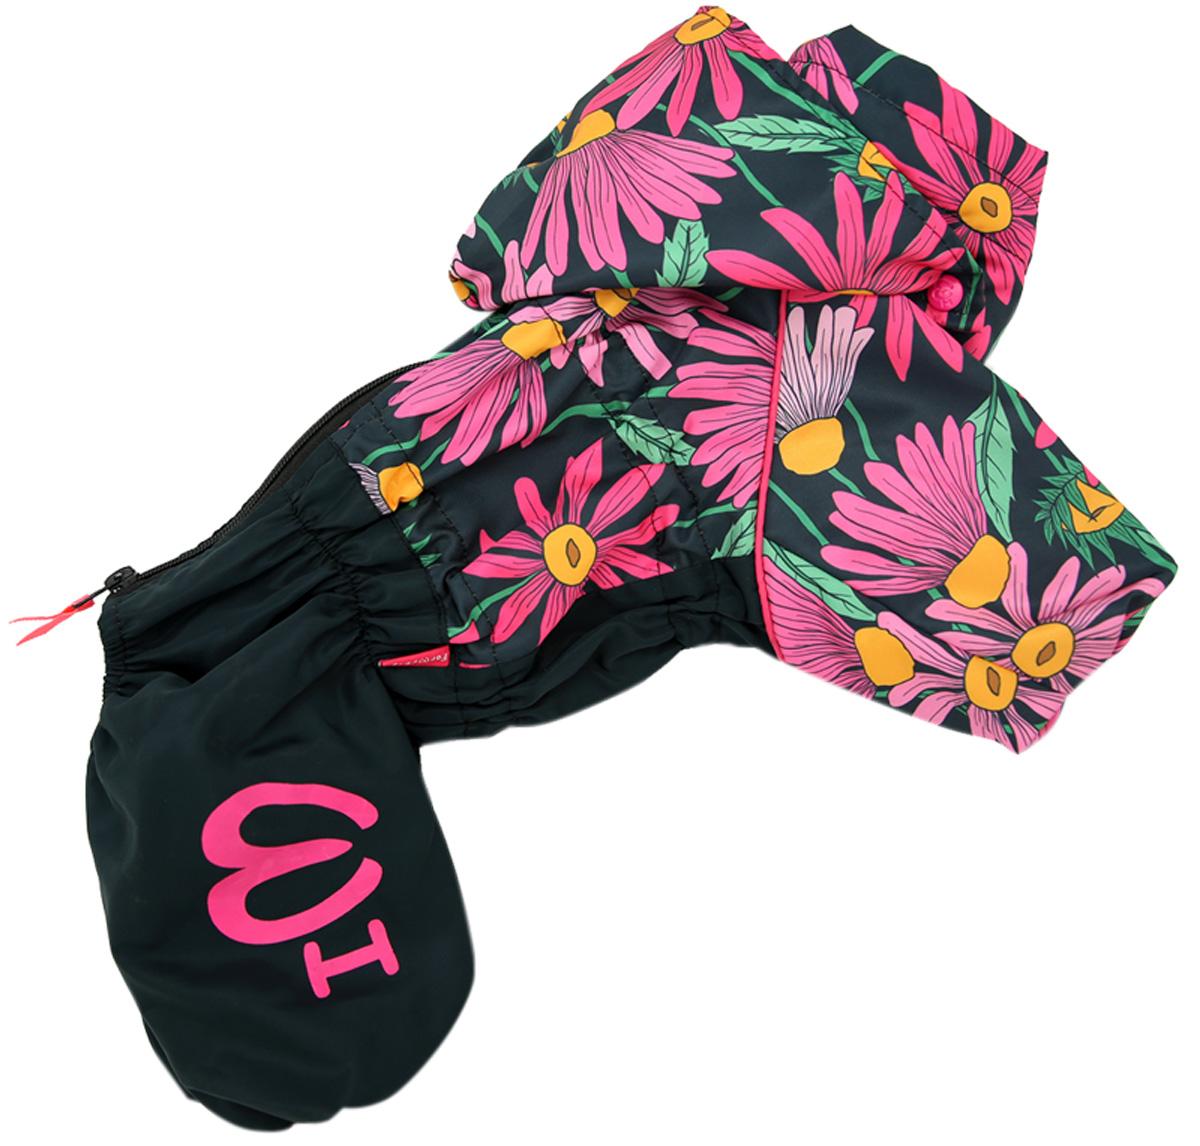 For My Dogs дождевик для собак Цветы черно/розовый для девочек 424ss-2020 F (22)